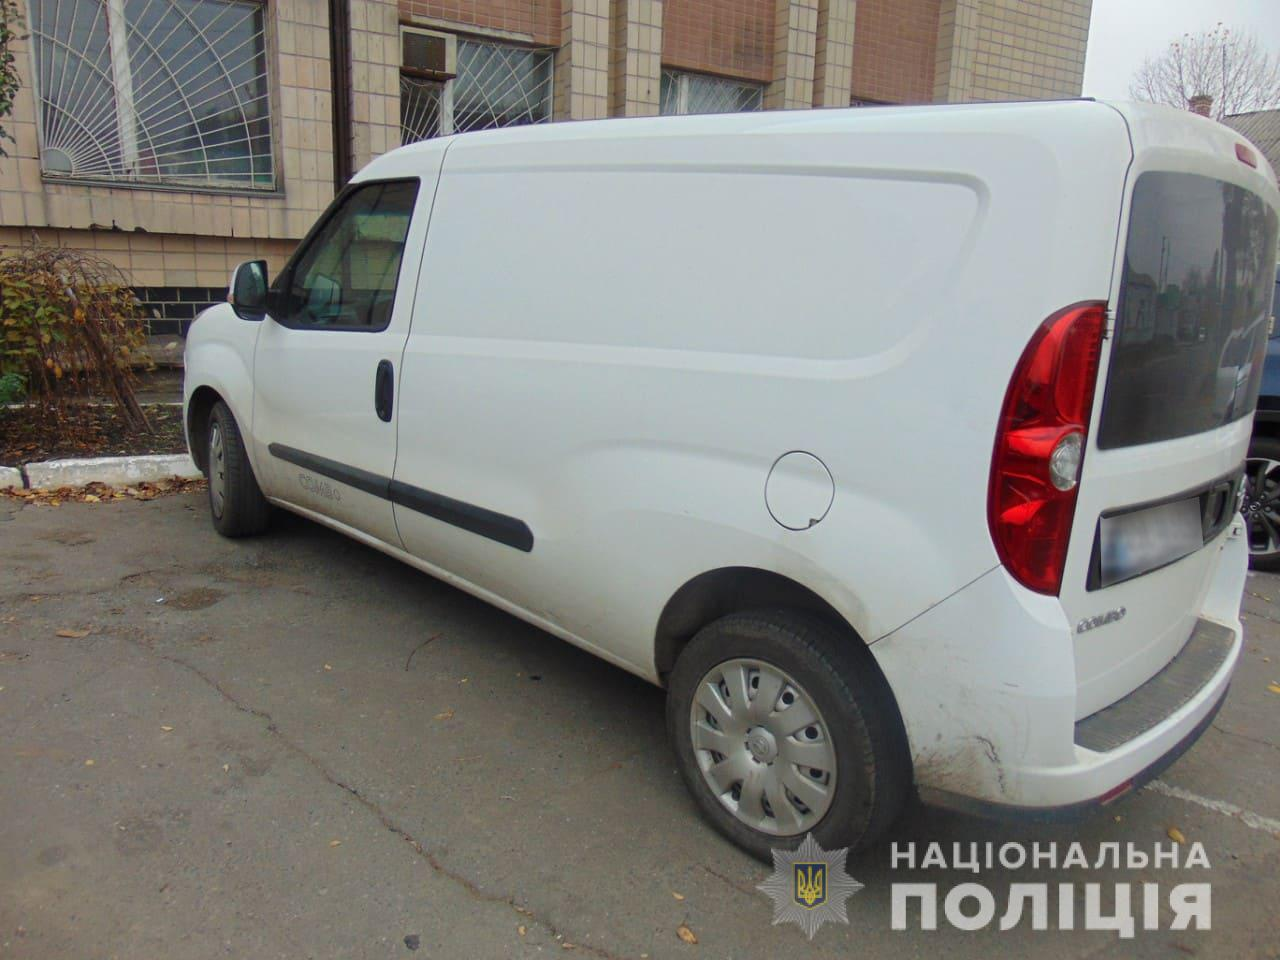 На Черкащині затримано викрадача бусу, який мало не задушив його водія